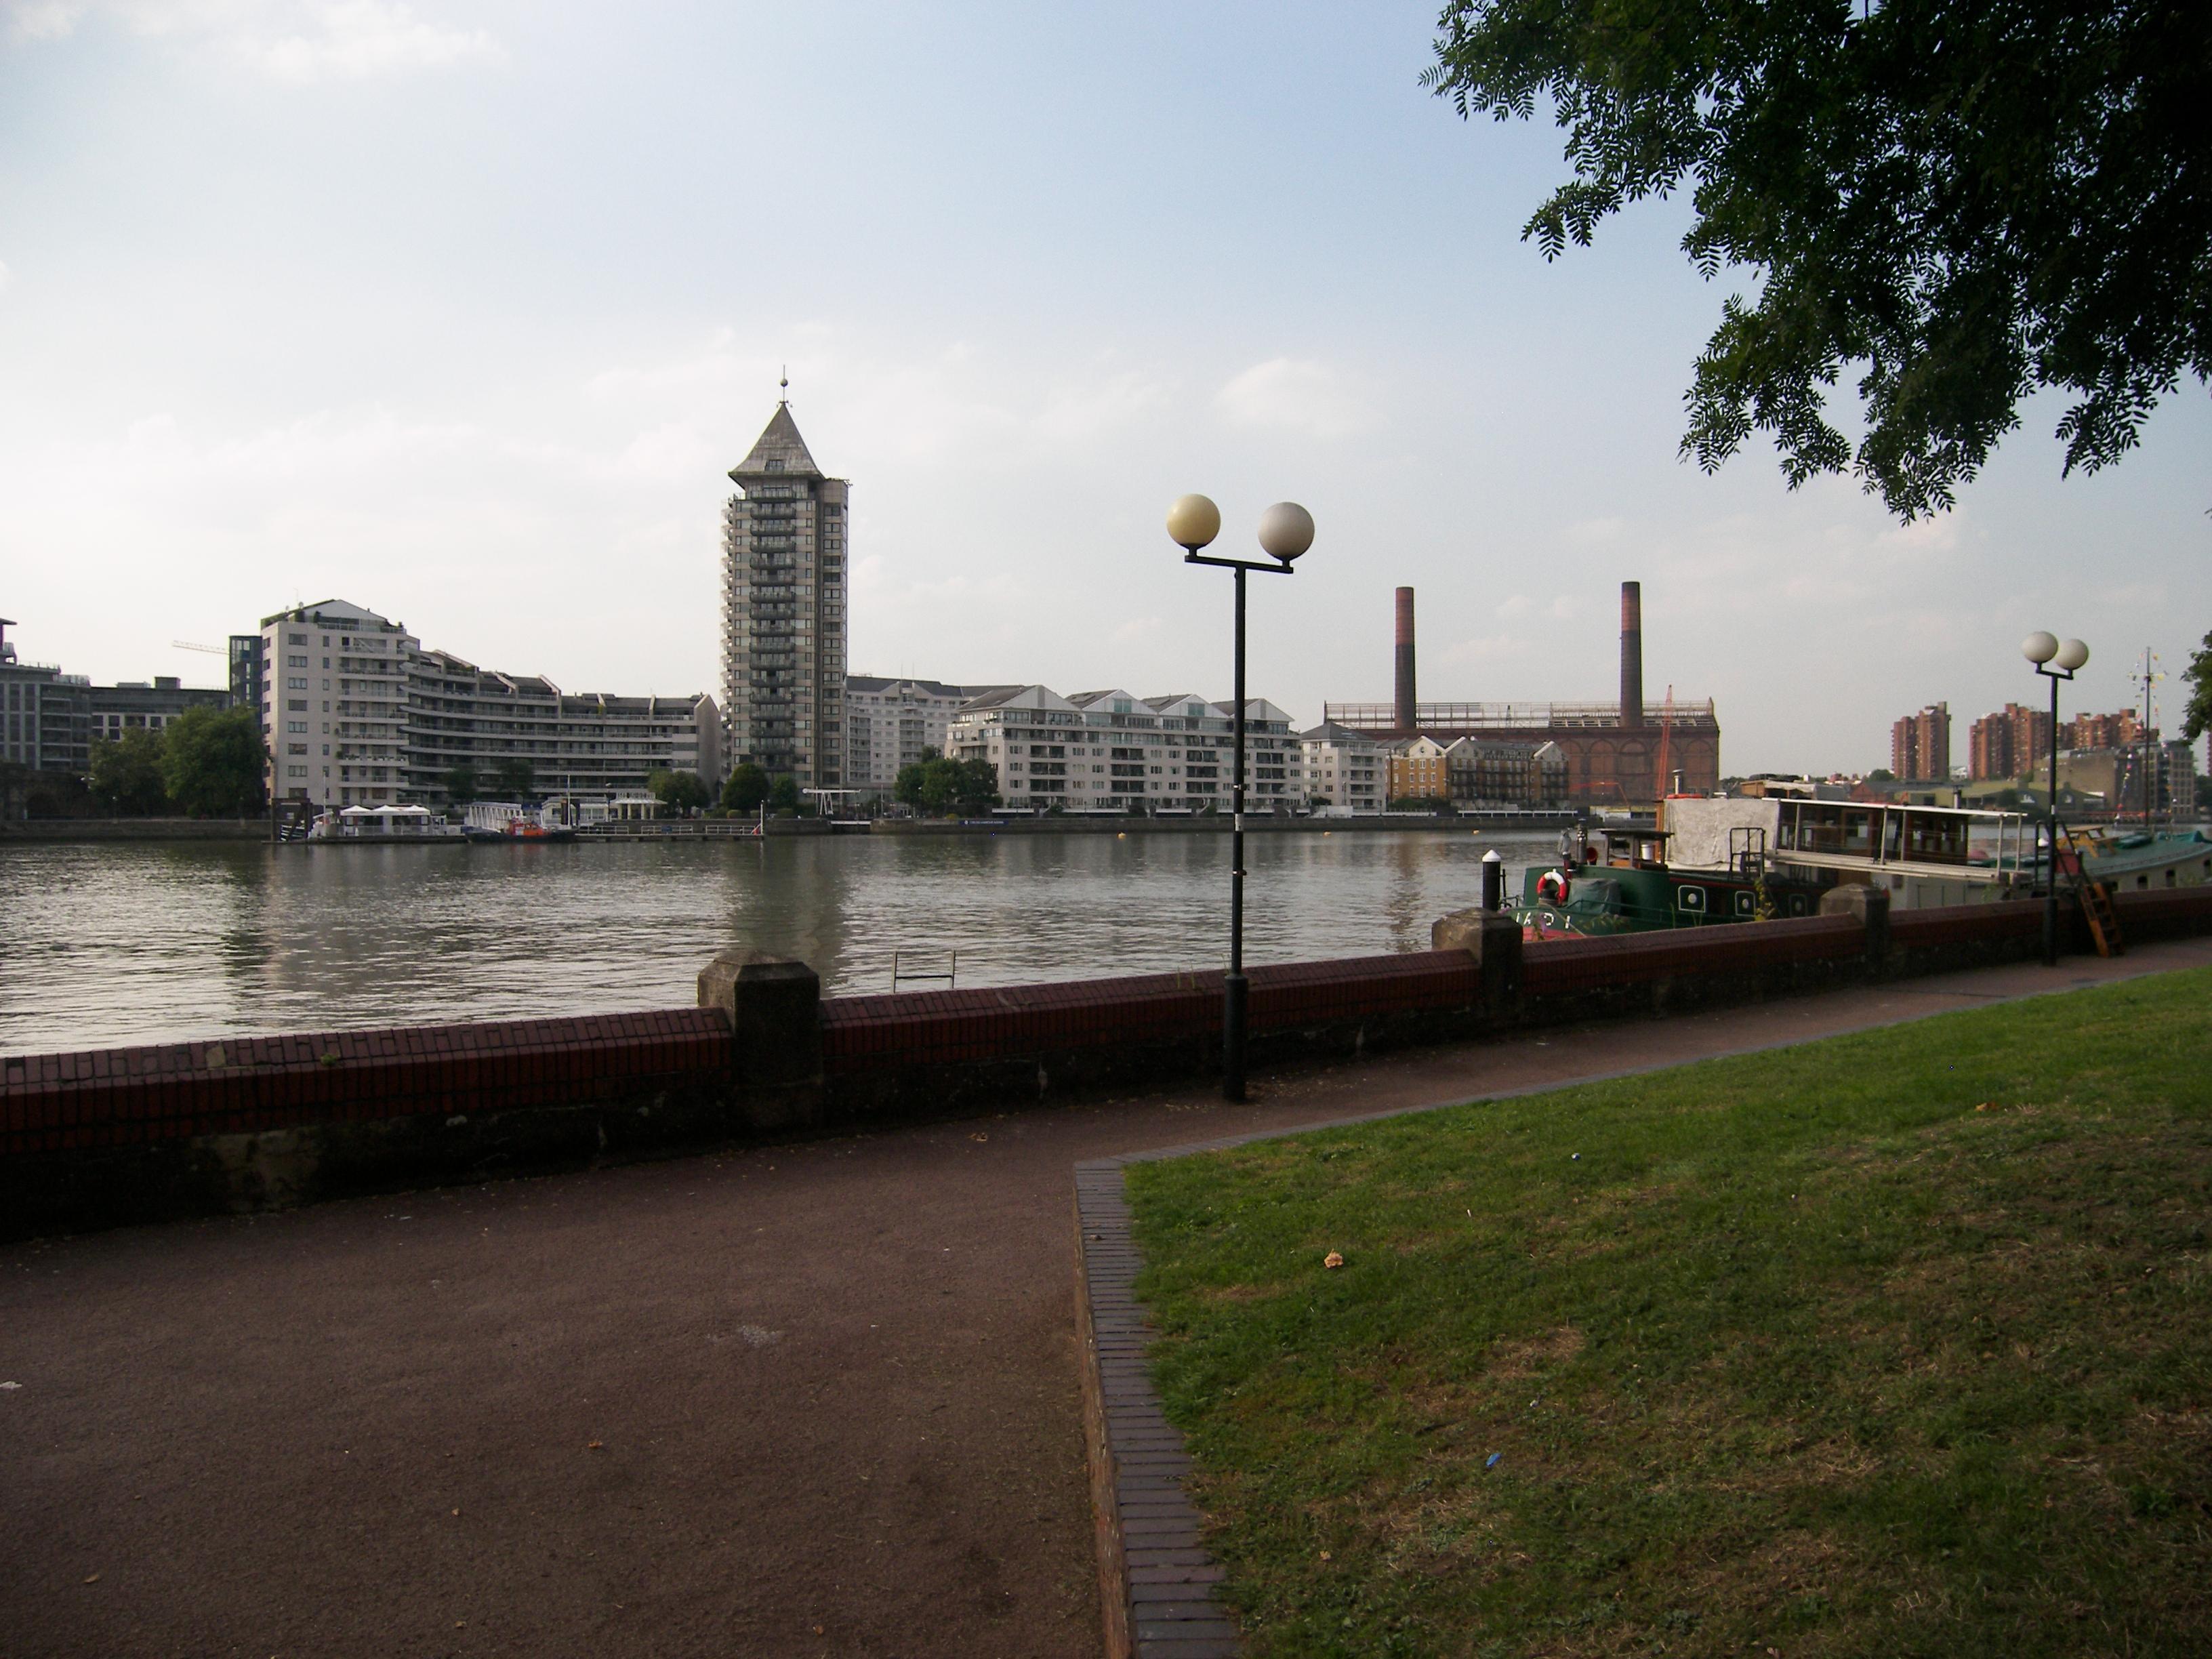 Battersea Embankment